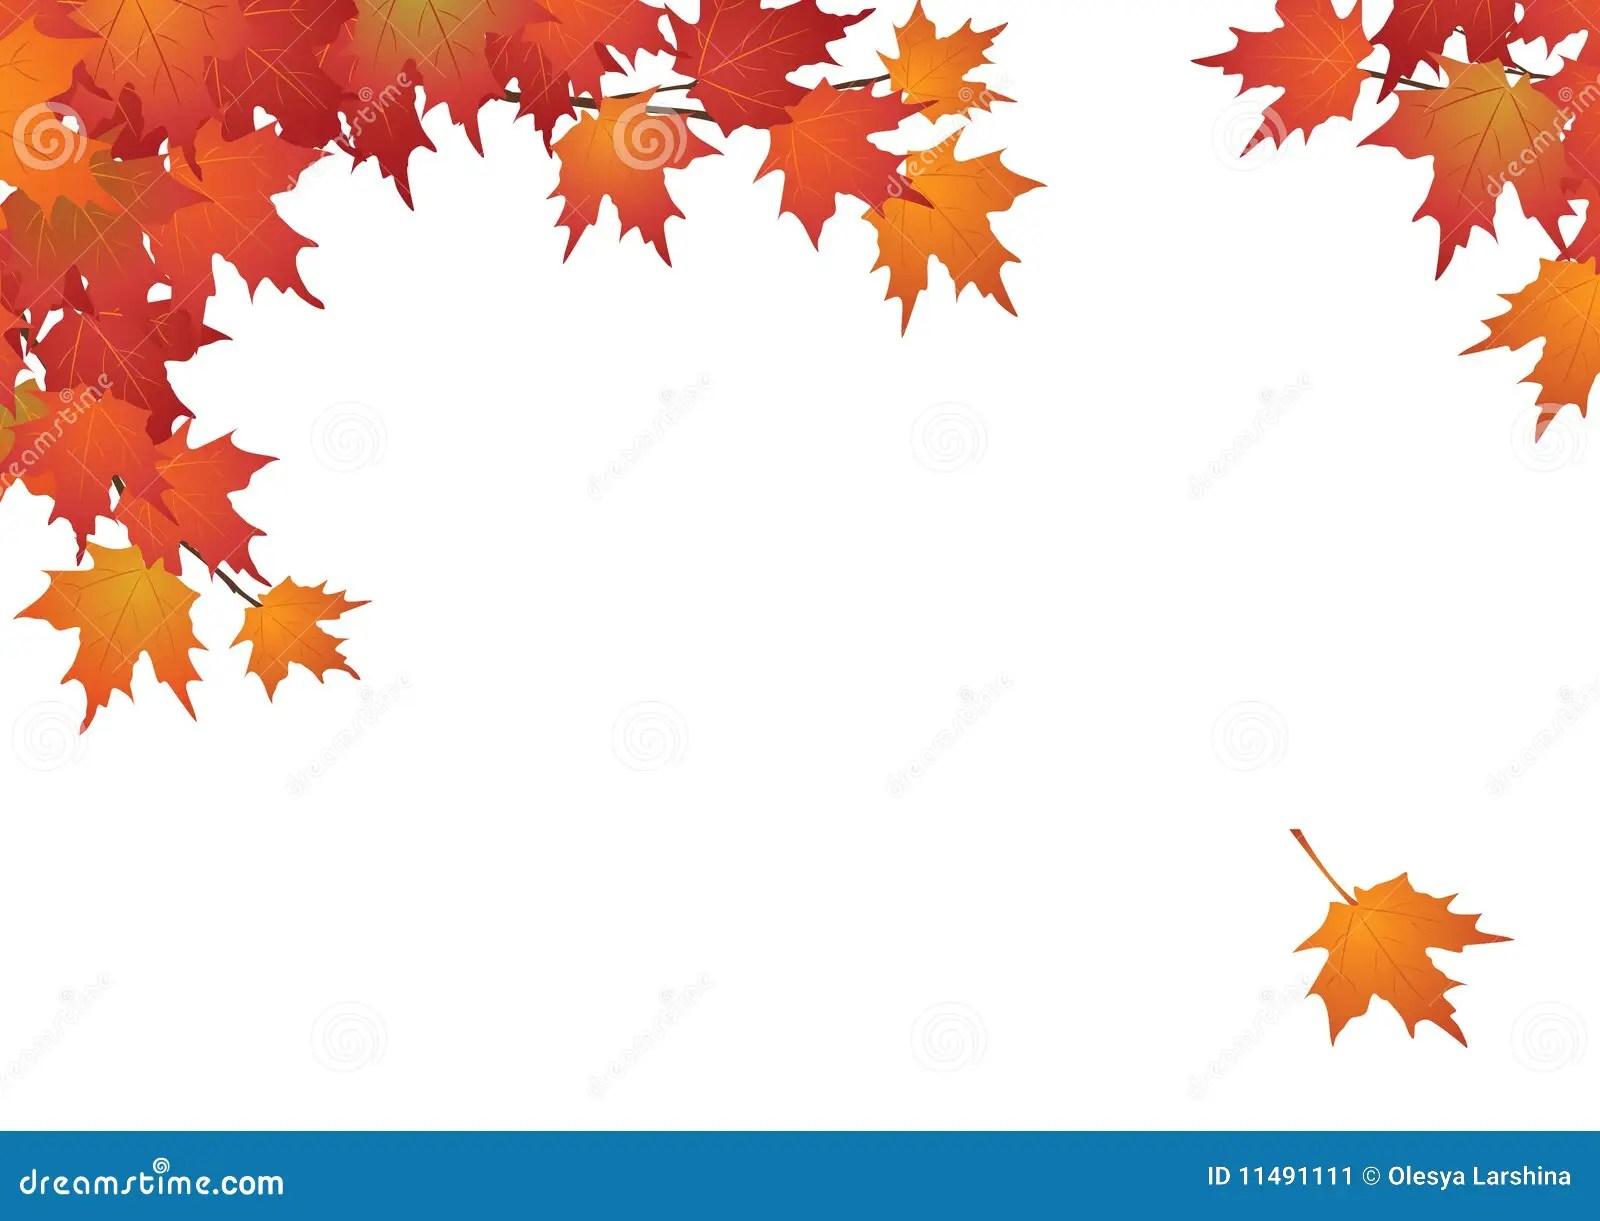 Fall Leaves Wallpaper Border De Bladeren Van De Achtergrond Herfst Frame Stock